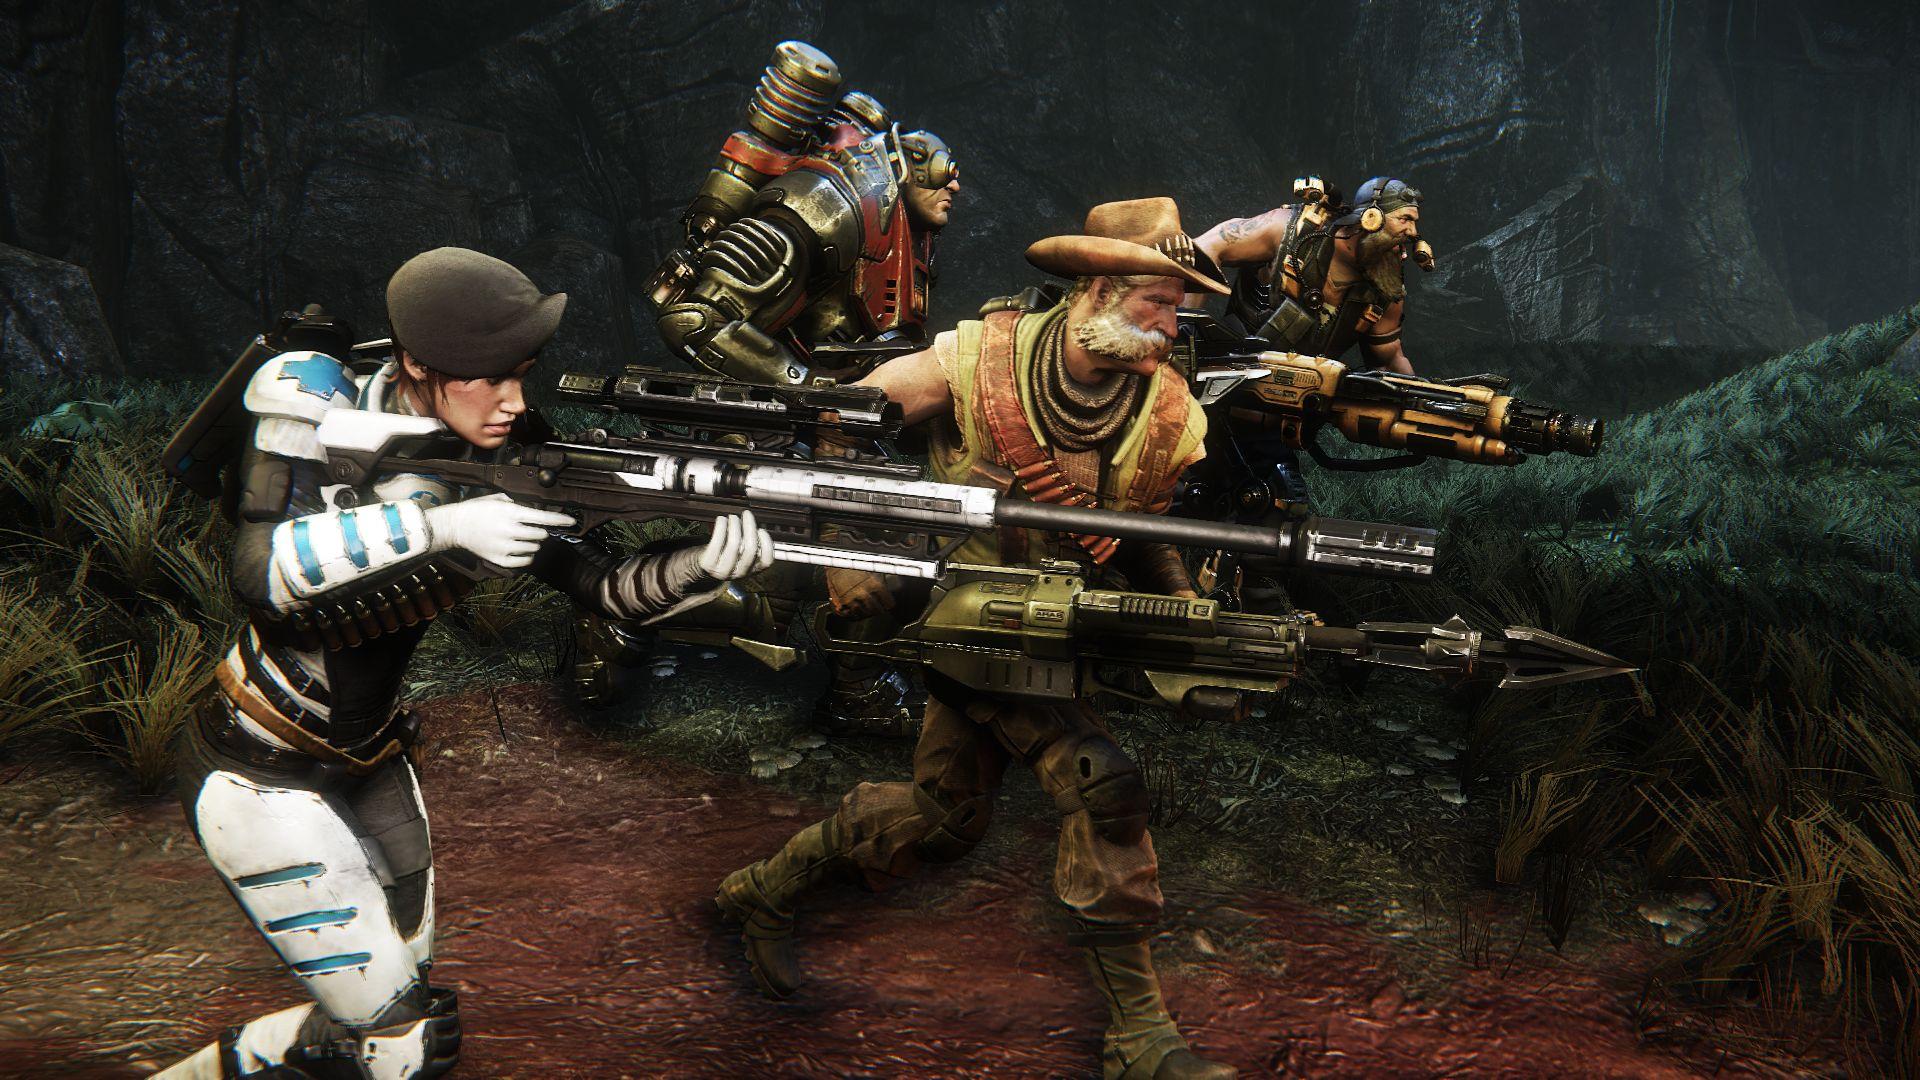 Evolve to całkiem ciekawa pozycja dla graczy, którzy lubią rozgrywki w kooperacji.